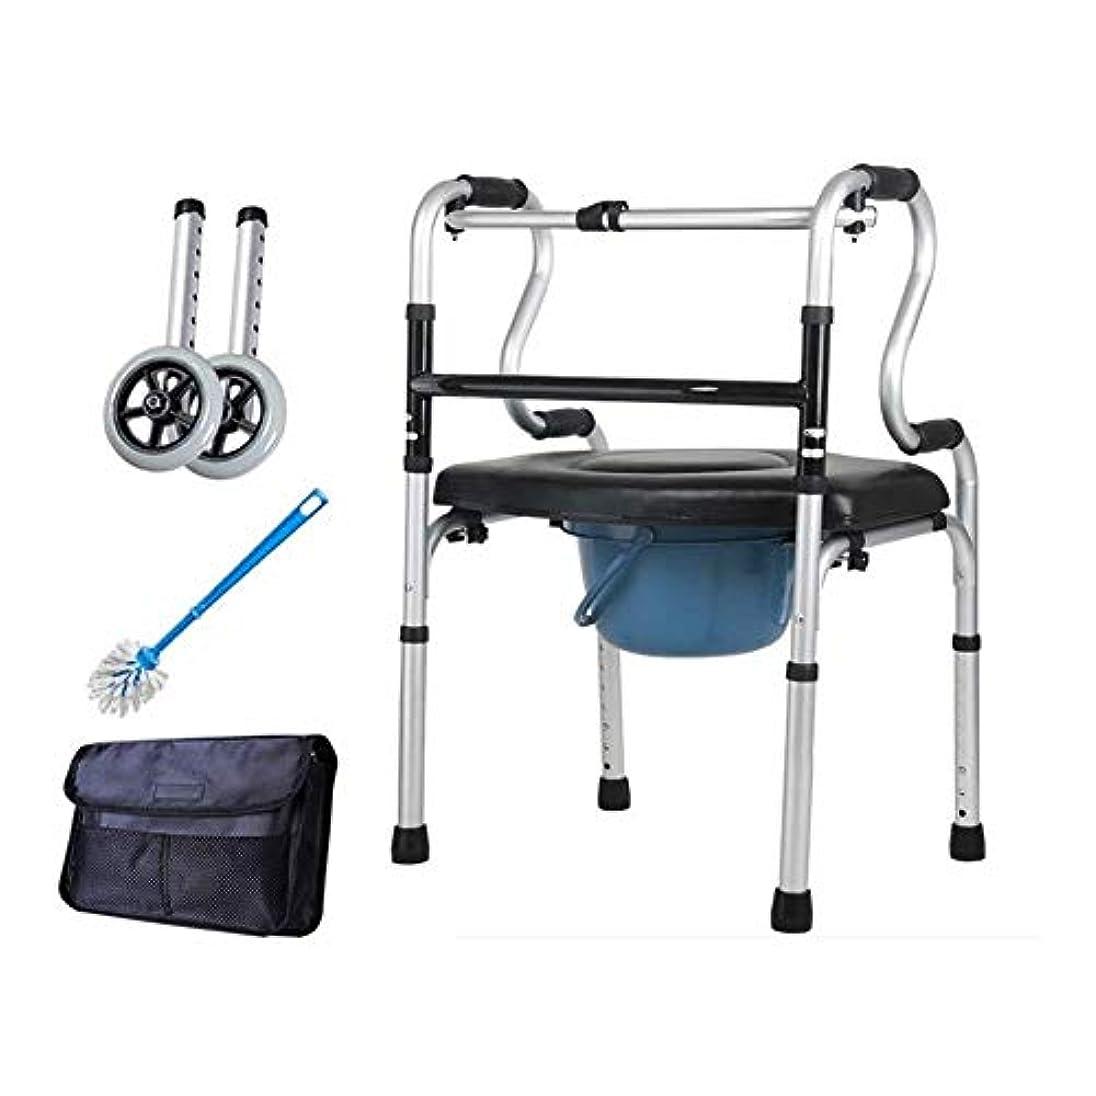 軽量アルミニウム歩行トロリー、折りたたみ式調節可能な歩行装置、便器付き防水ソフトシート、キャリーバッグ